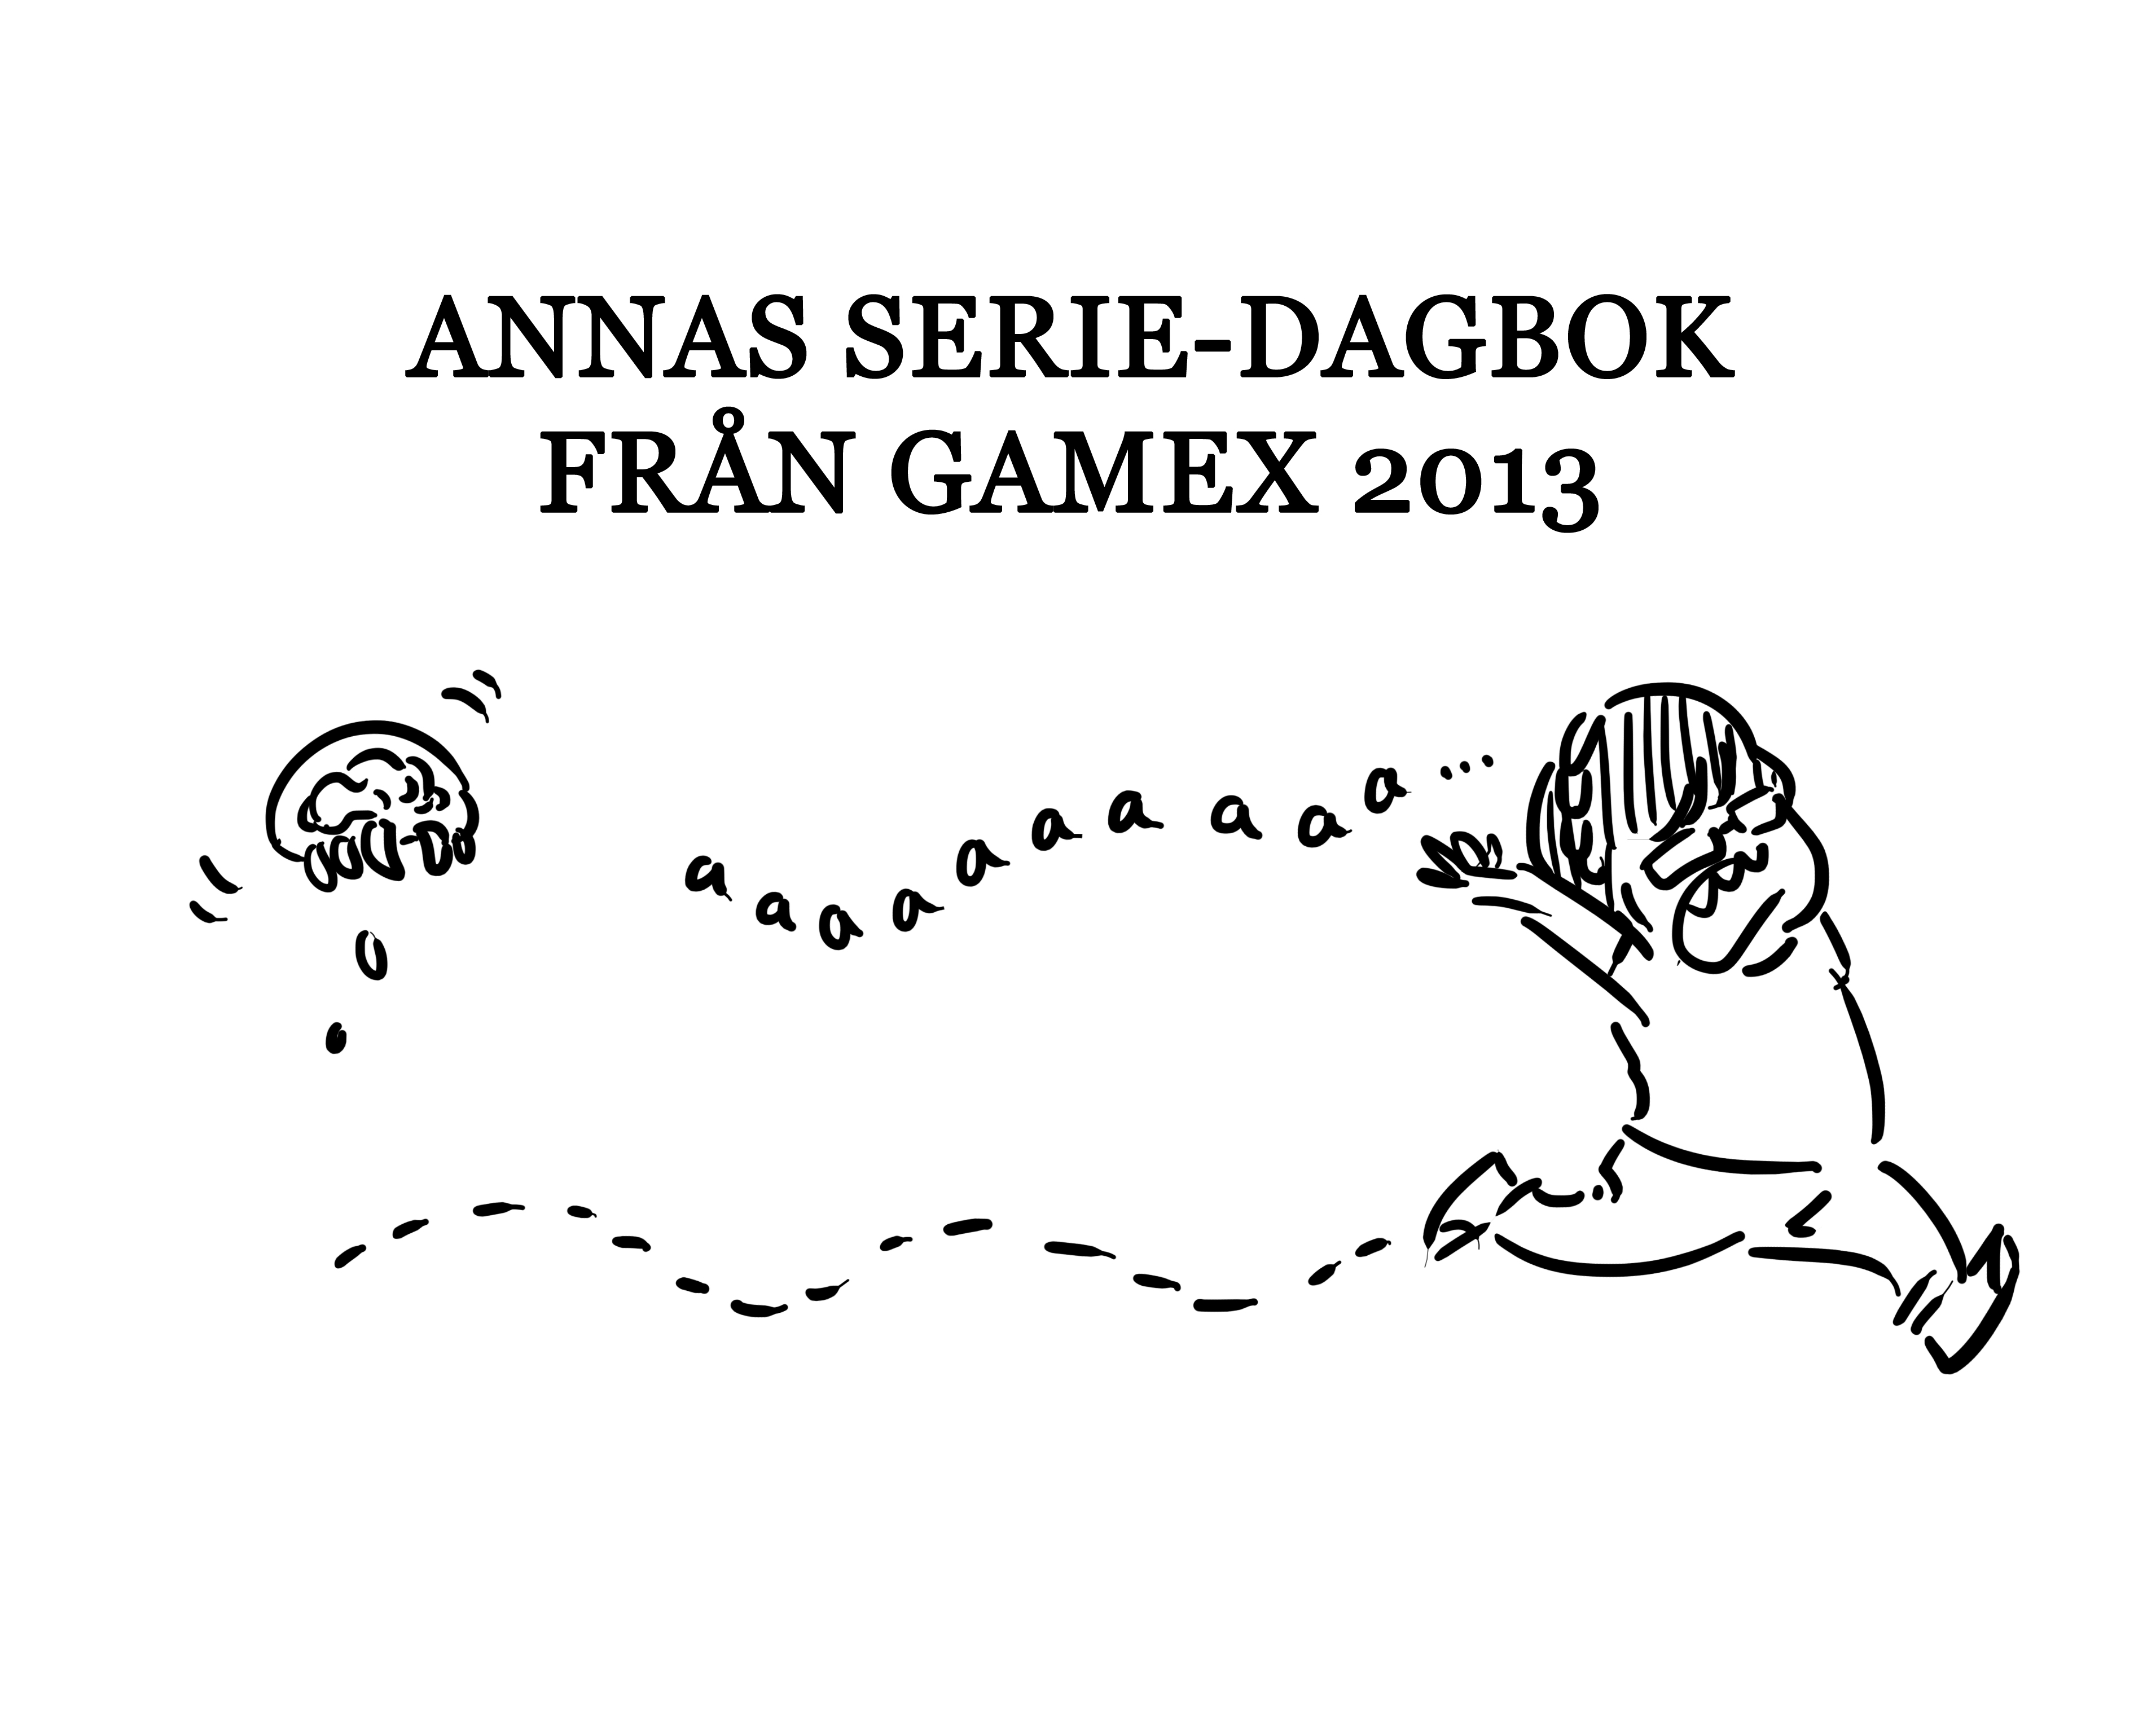 Gamex 13-serien (UPPDATERAD IGEN IGEN!)